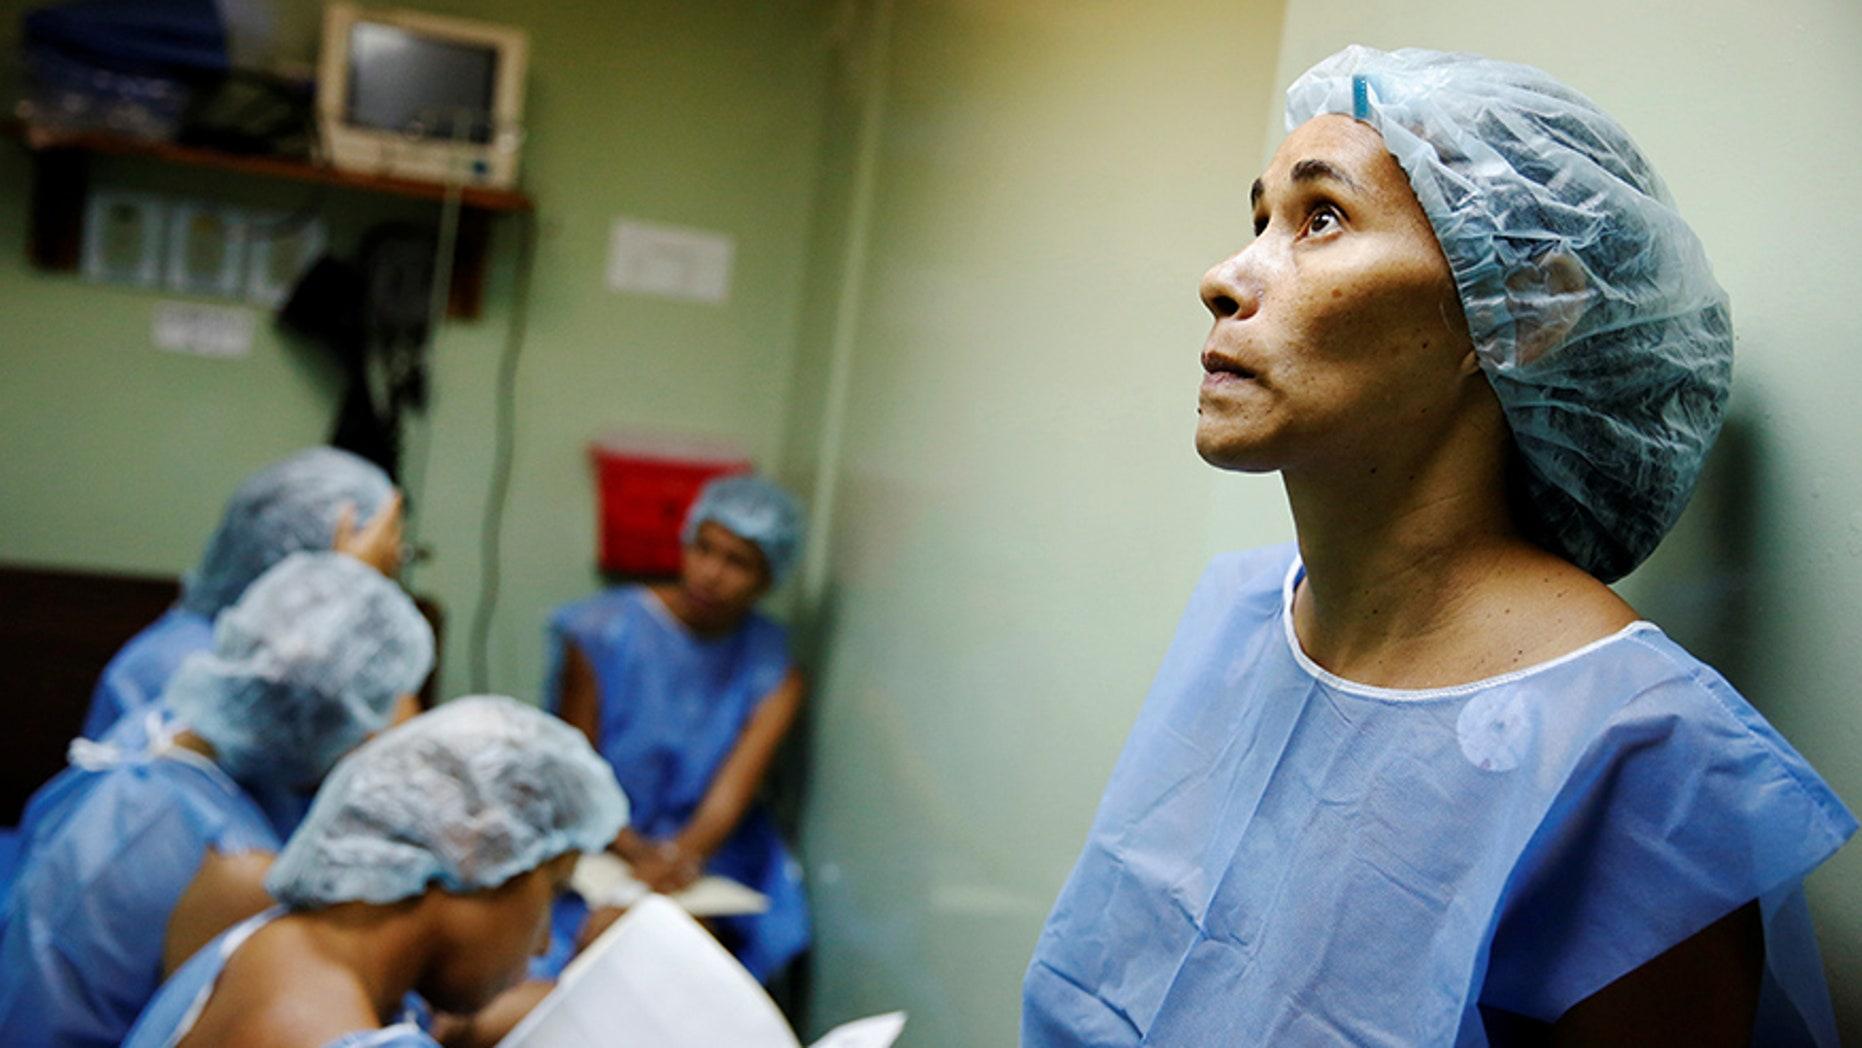 Women wait for sterilization surgery a hospital in Caracas, Venezuela July 27, 2016.